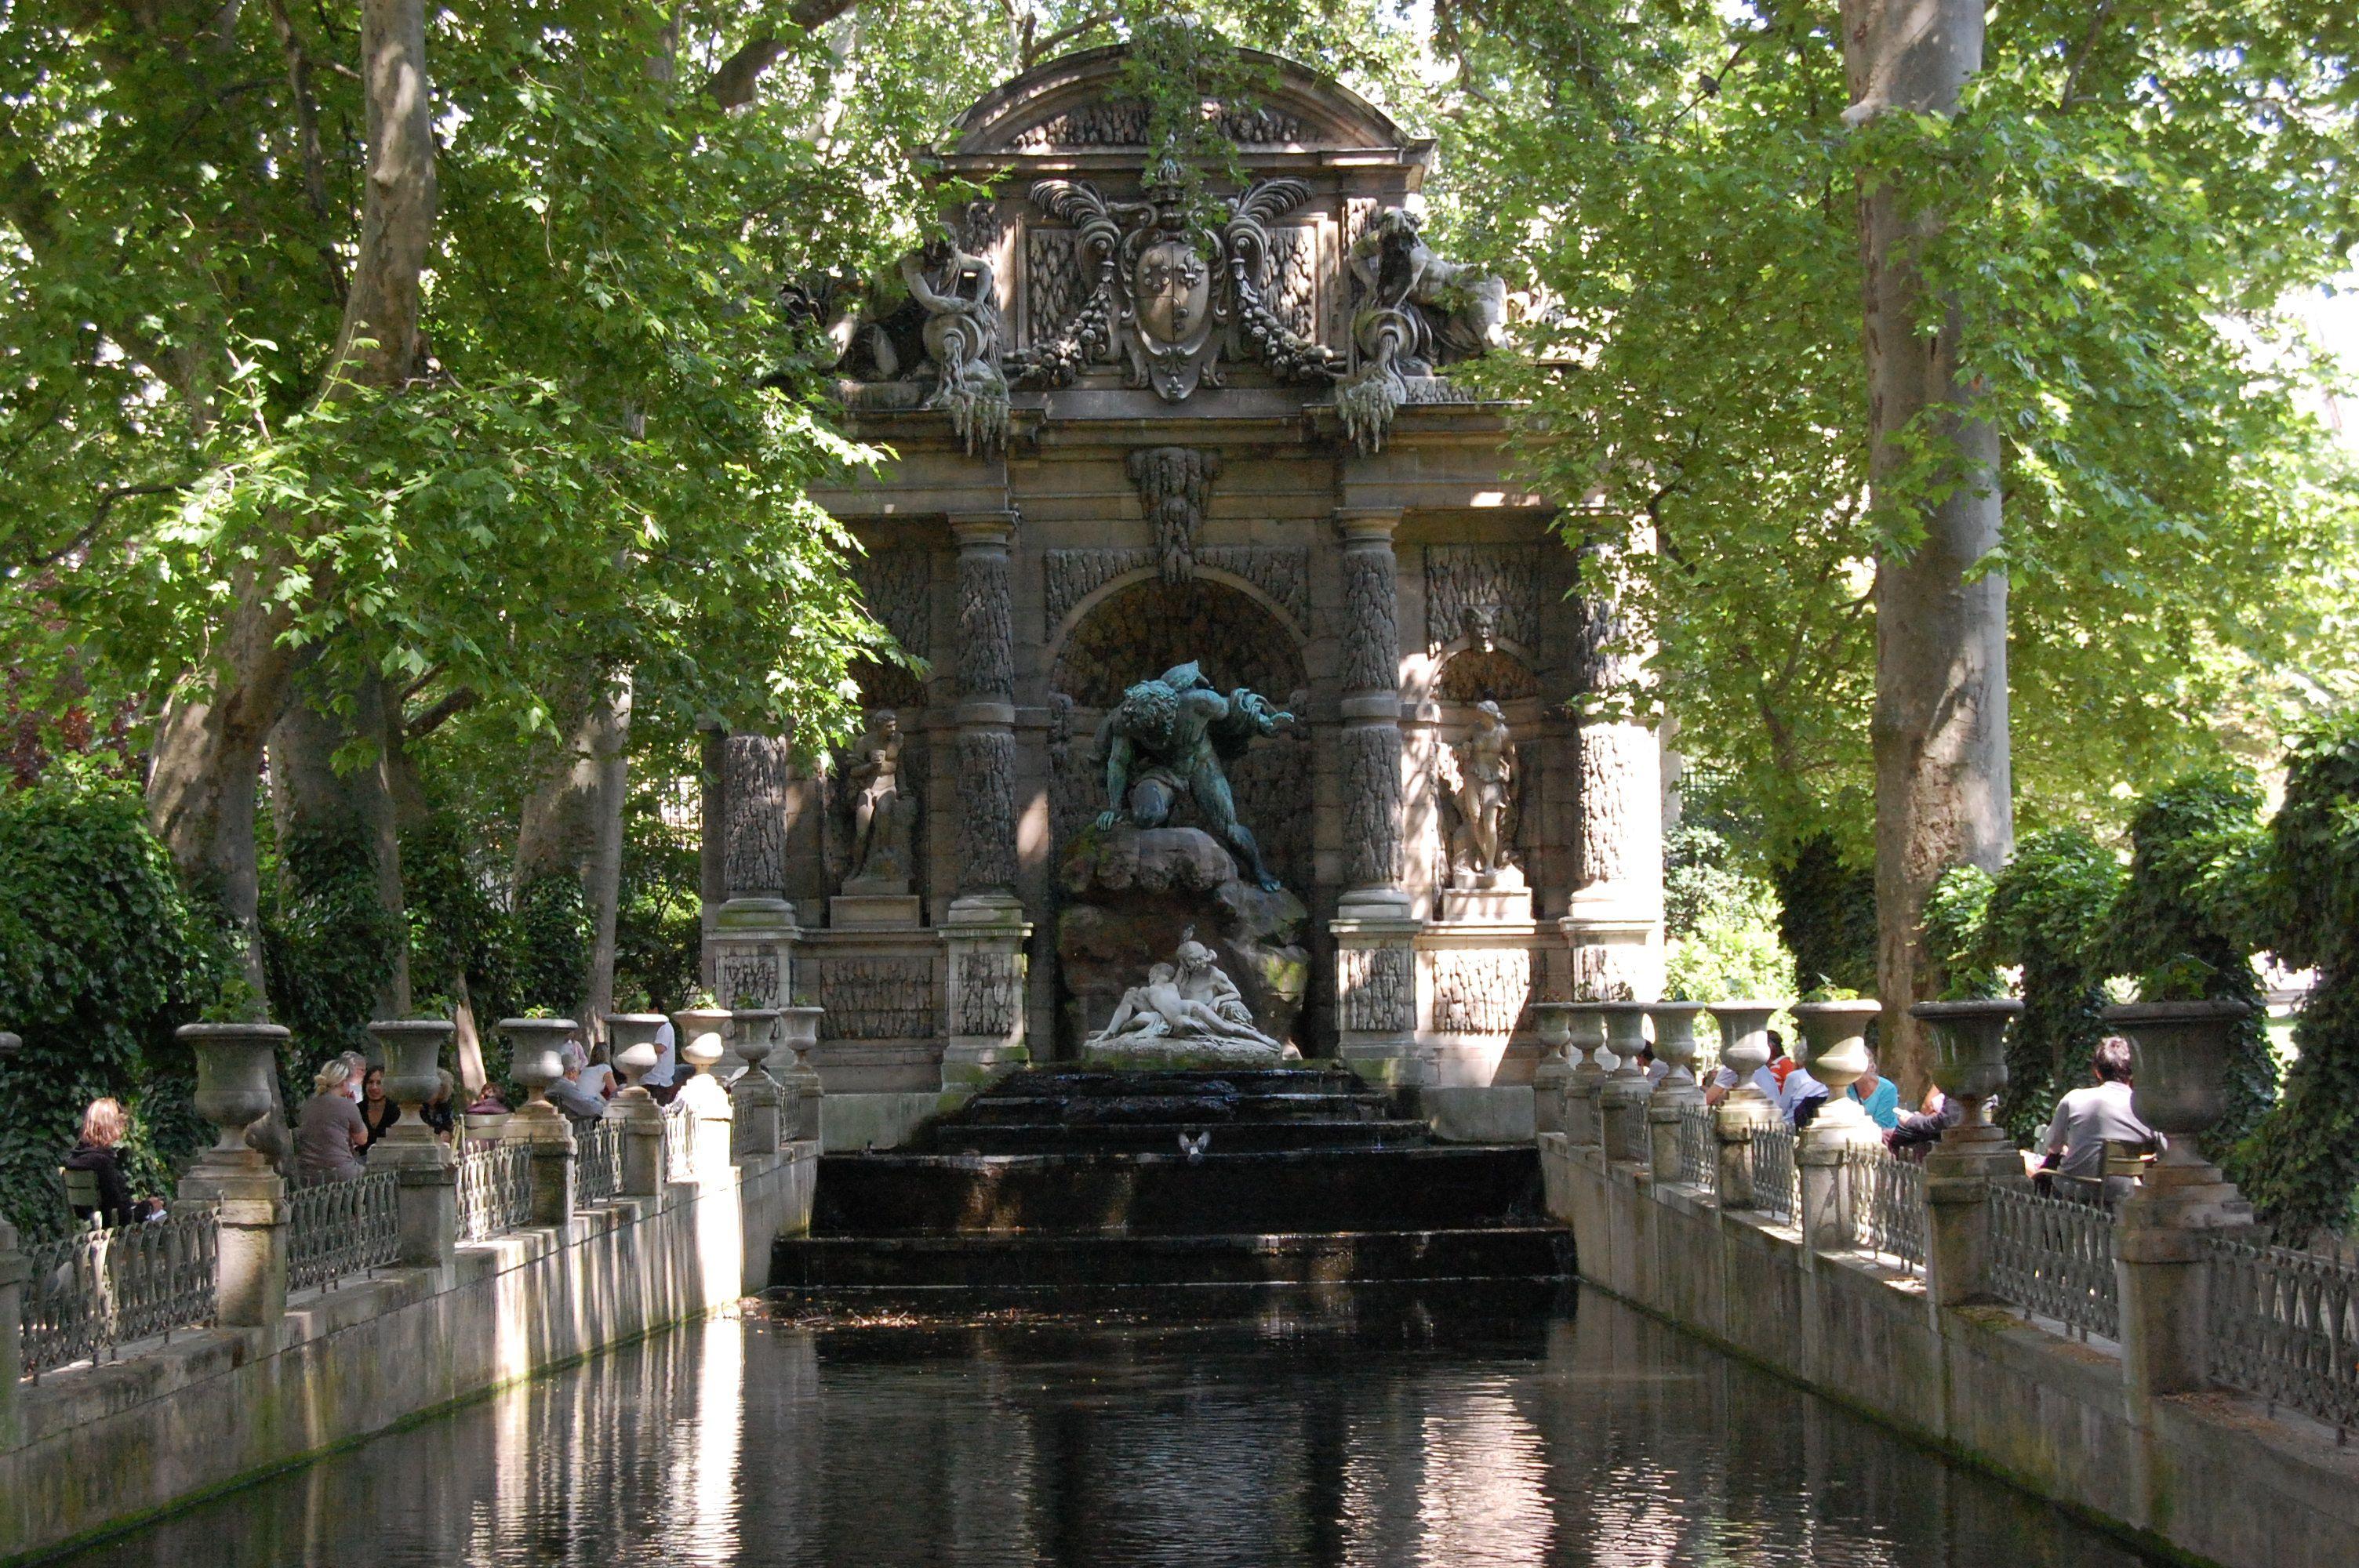 Les jardins du luxembourg fontaine de m decis paris for Le jardin luxembourg